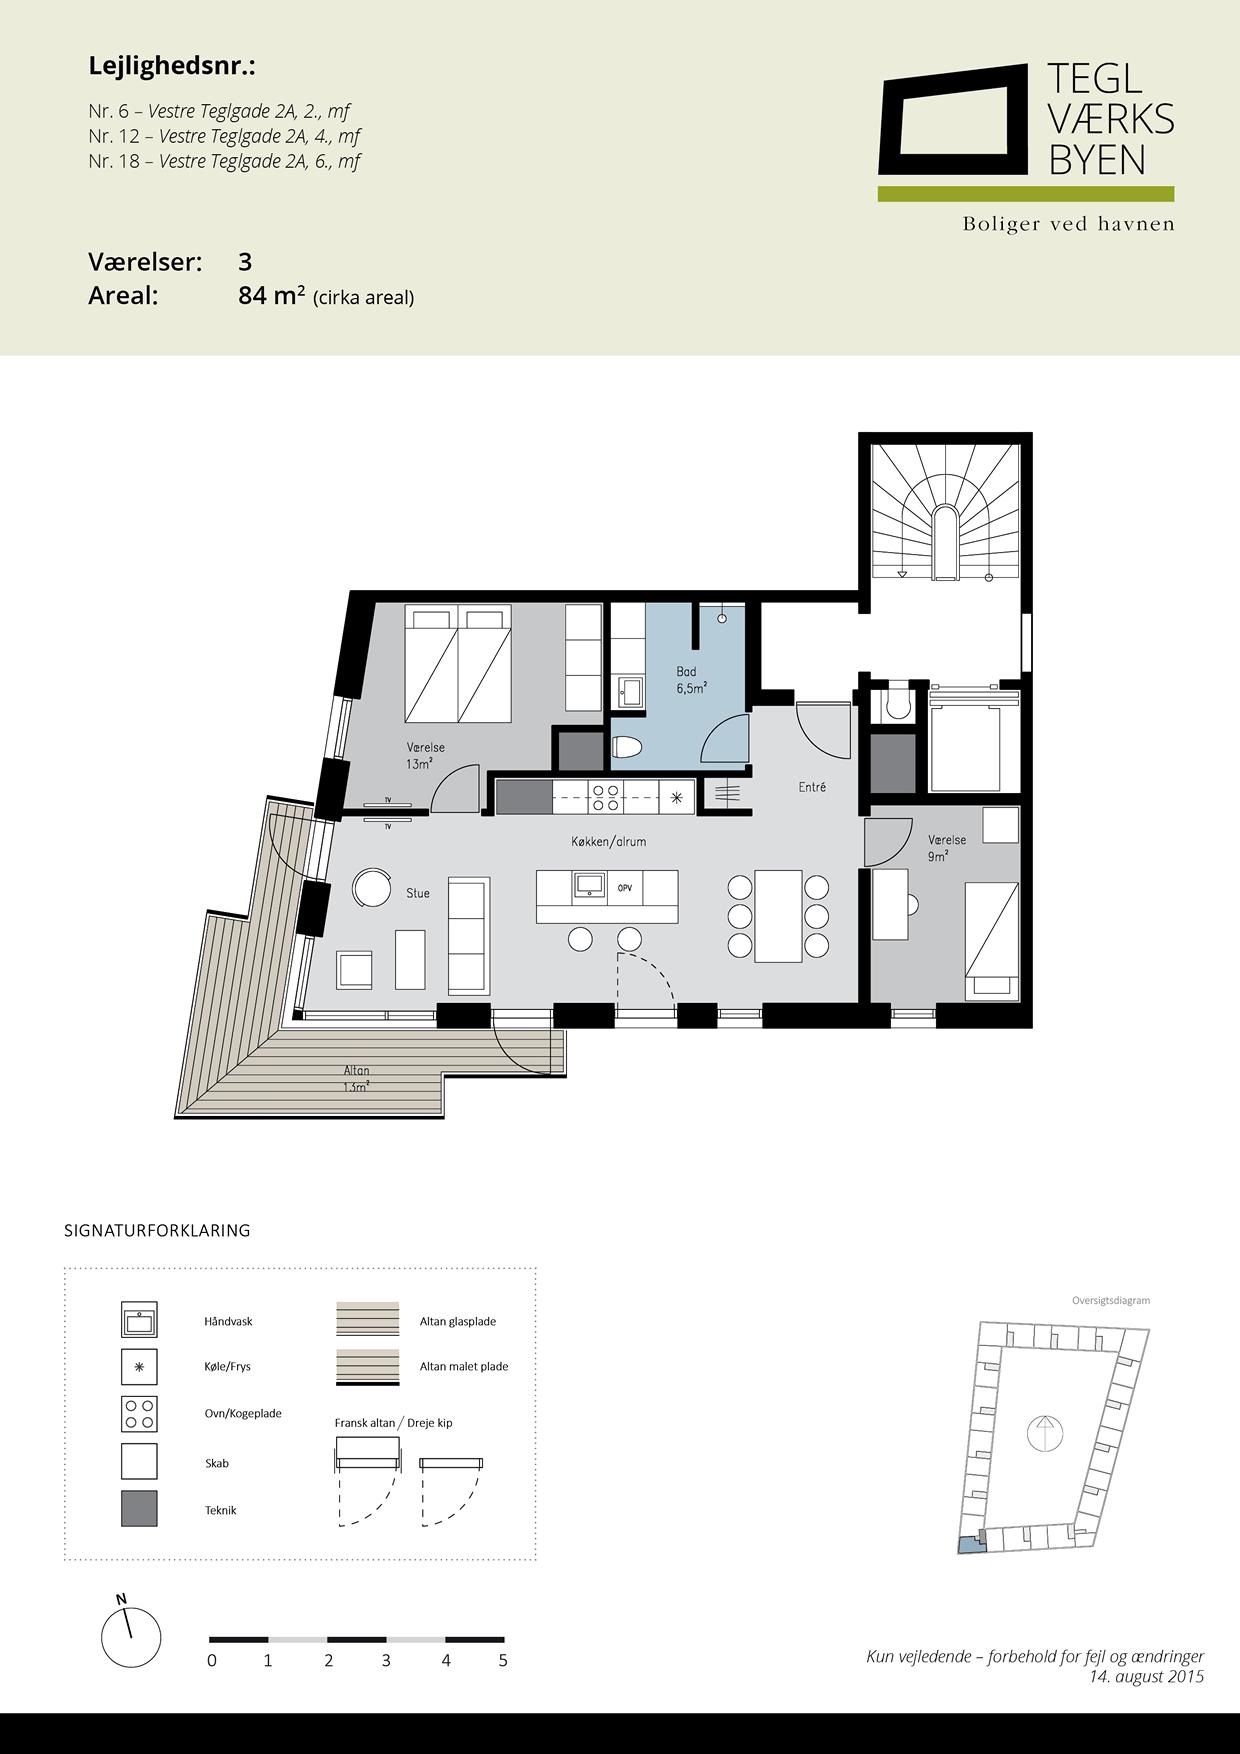 Teglvaerksbyen_6-12-18_plan